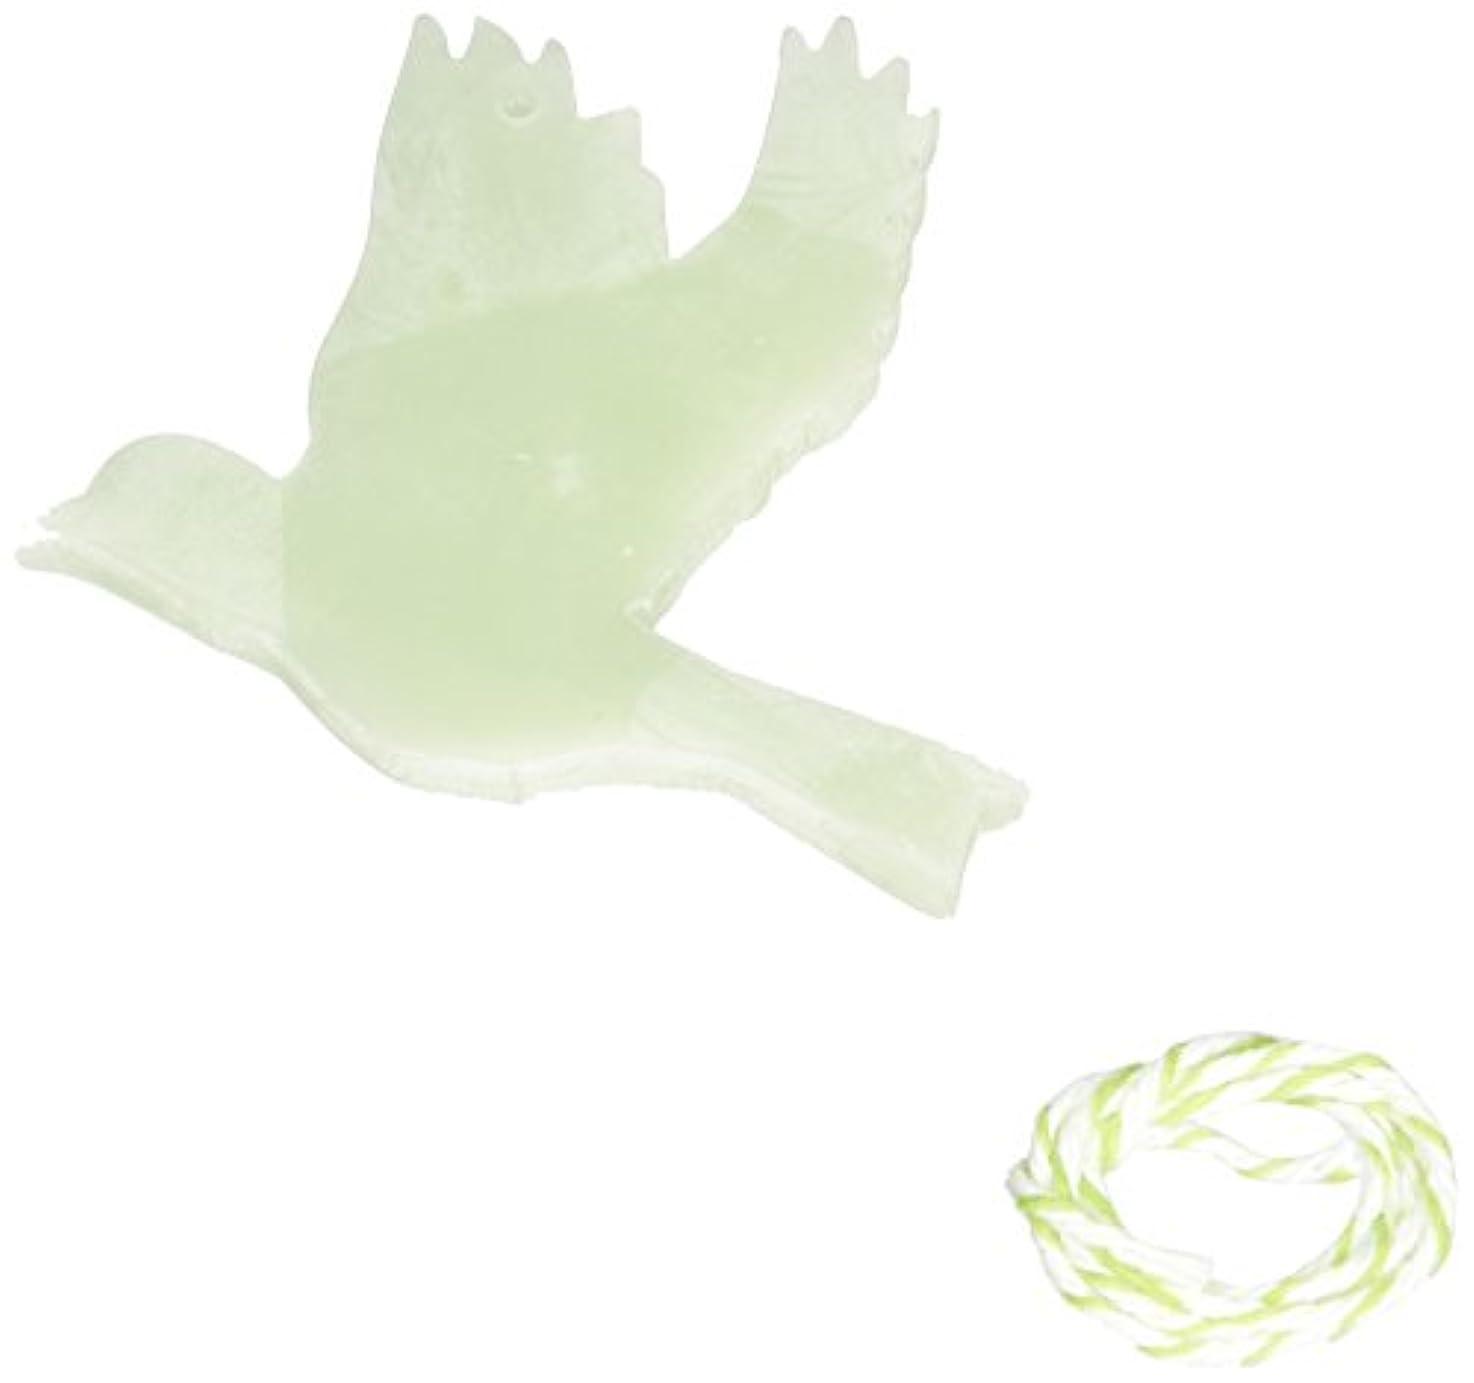 遅らせる熱望する円形のGRASSE TOKYO AROMATICWAXチャーム「ハト」(GR) レモングラス アロマティックワックス グラーストウキョウ